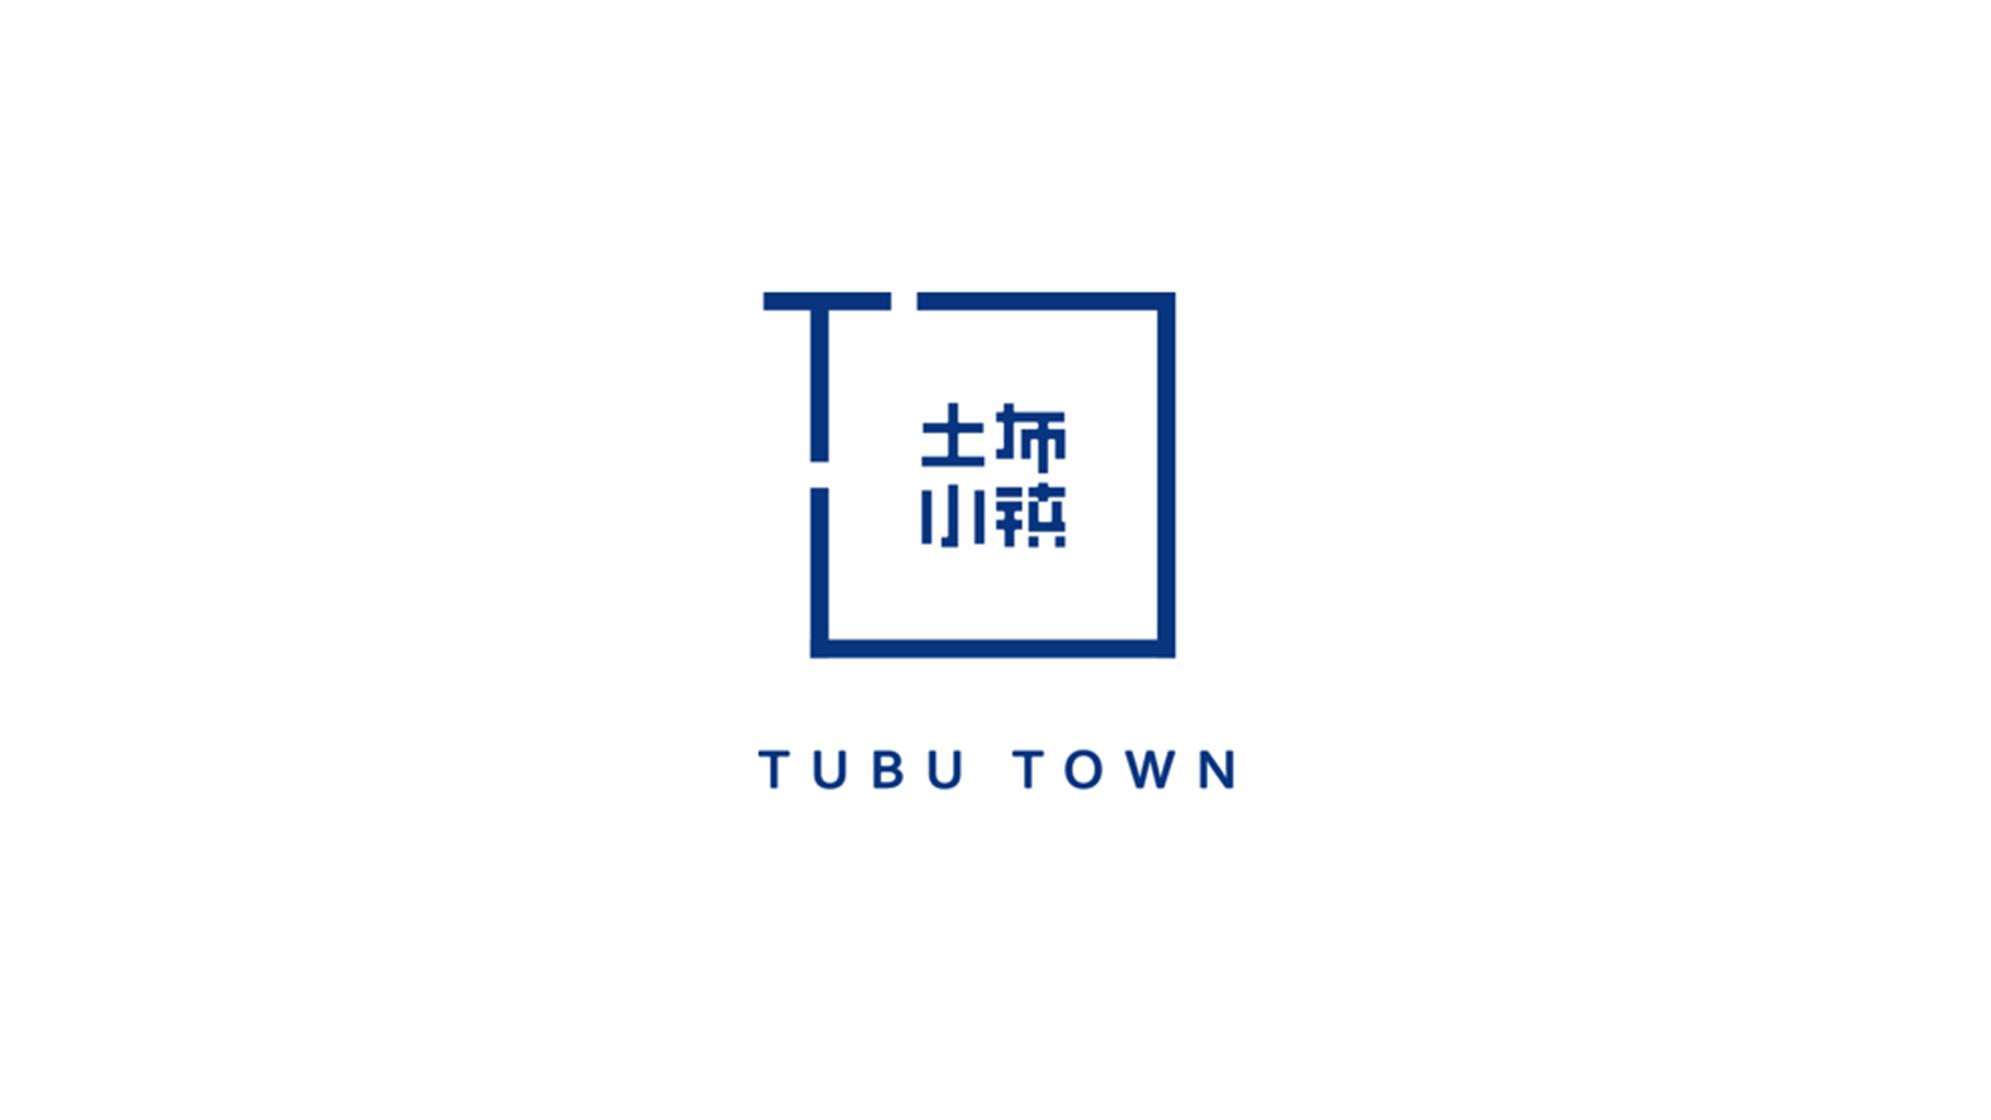 贞丰县土布小镇旅游景点logo设计、vi设计应用